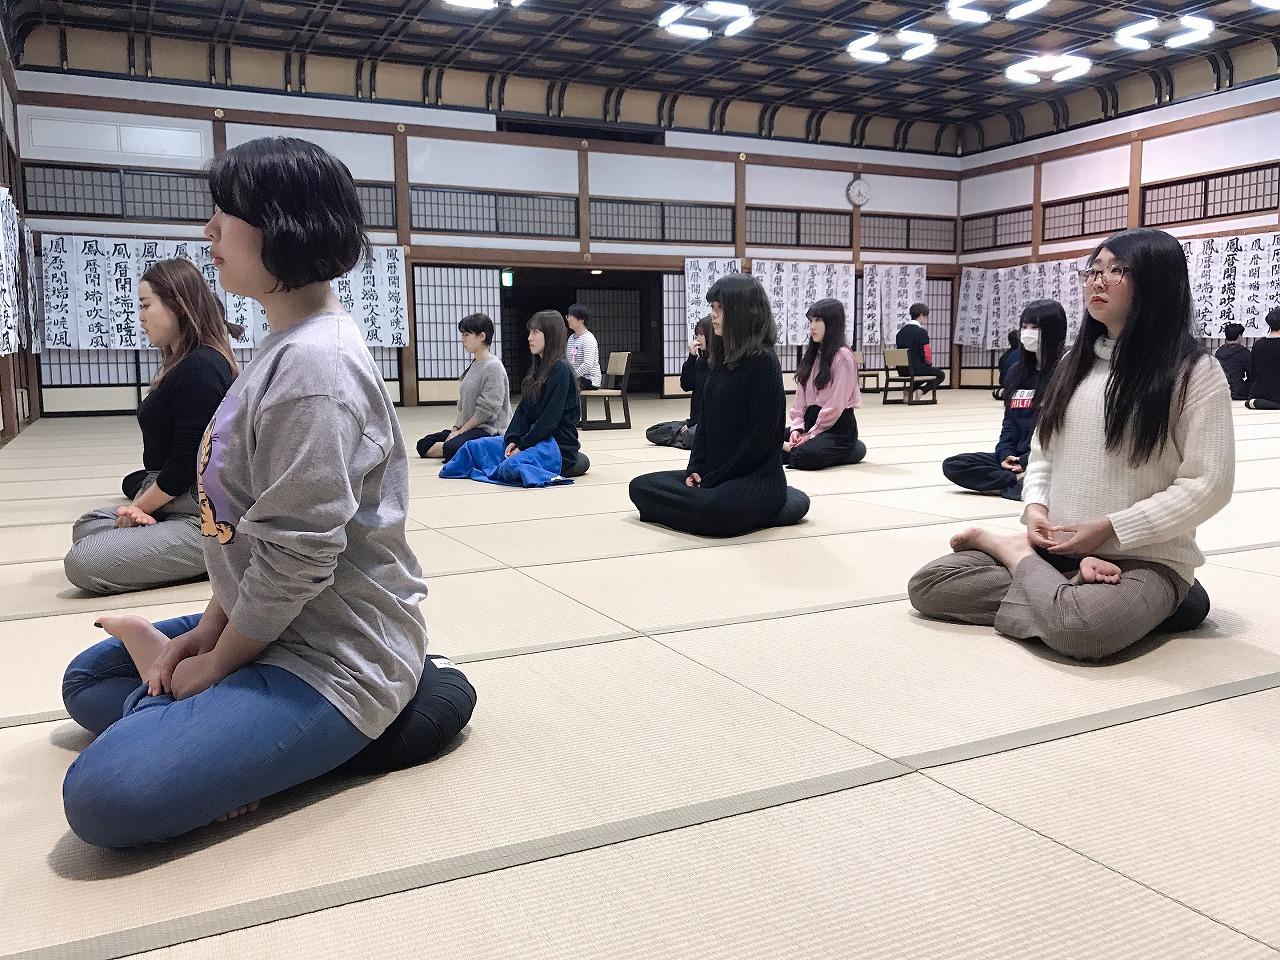 永平寺での座禅体験。卒業前に自分自身を見つめなおす良い機会となりました。